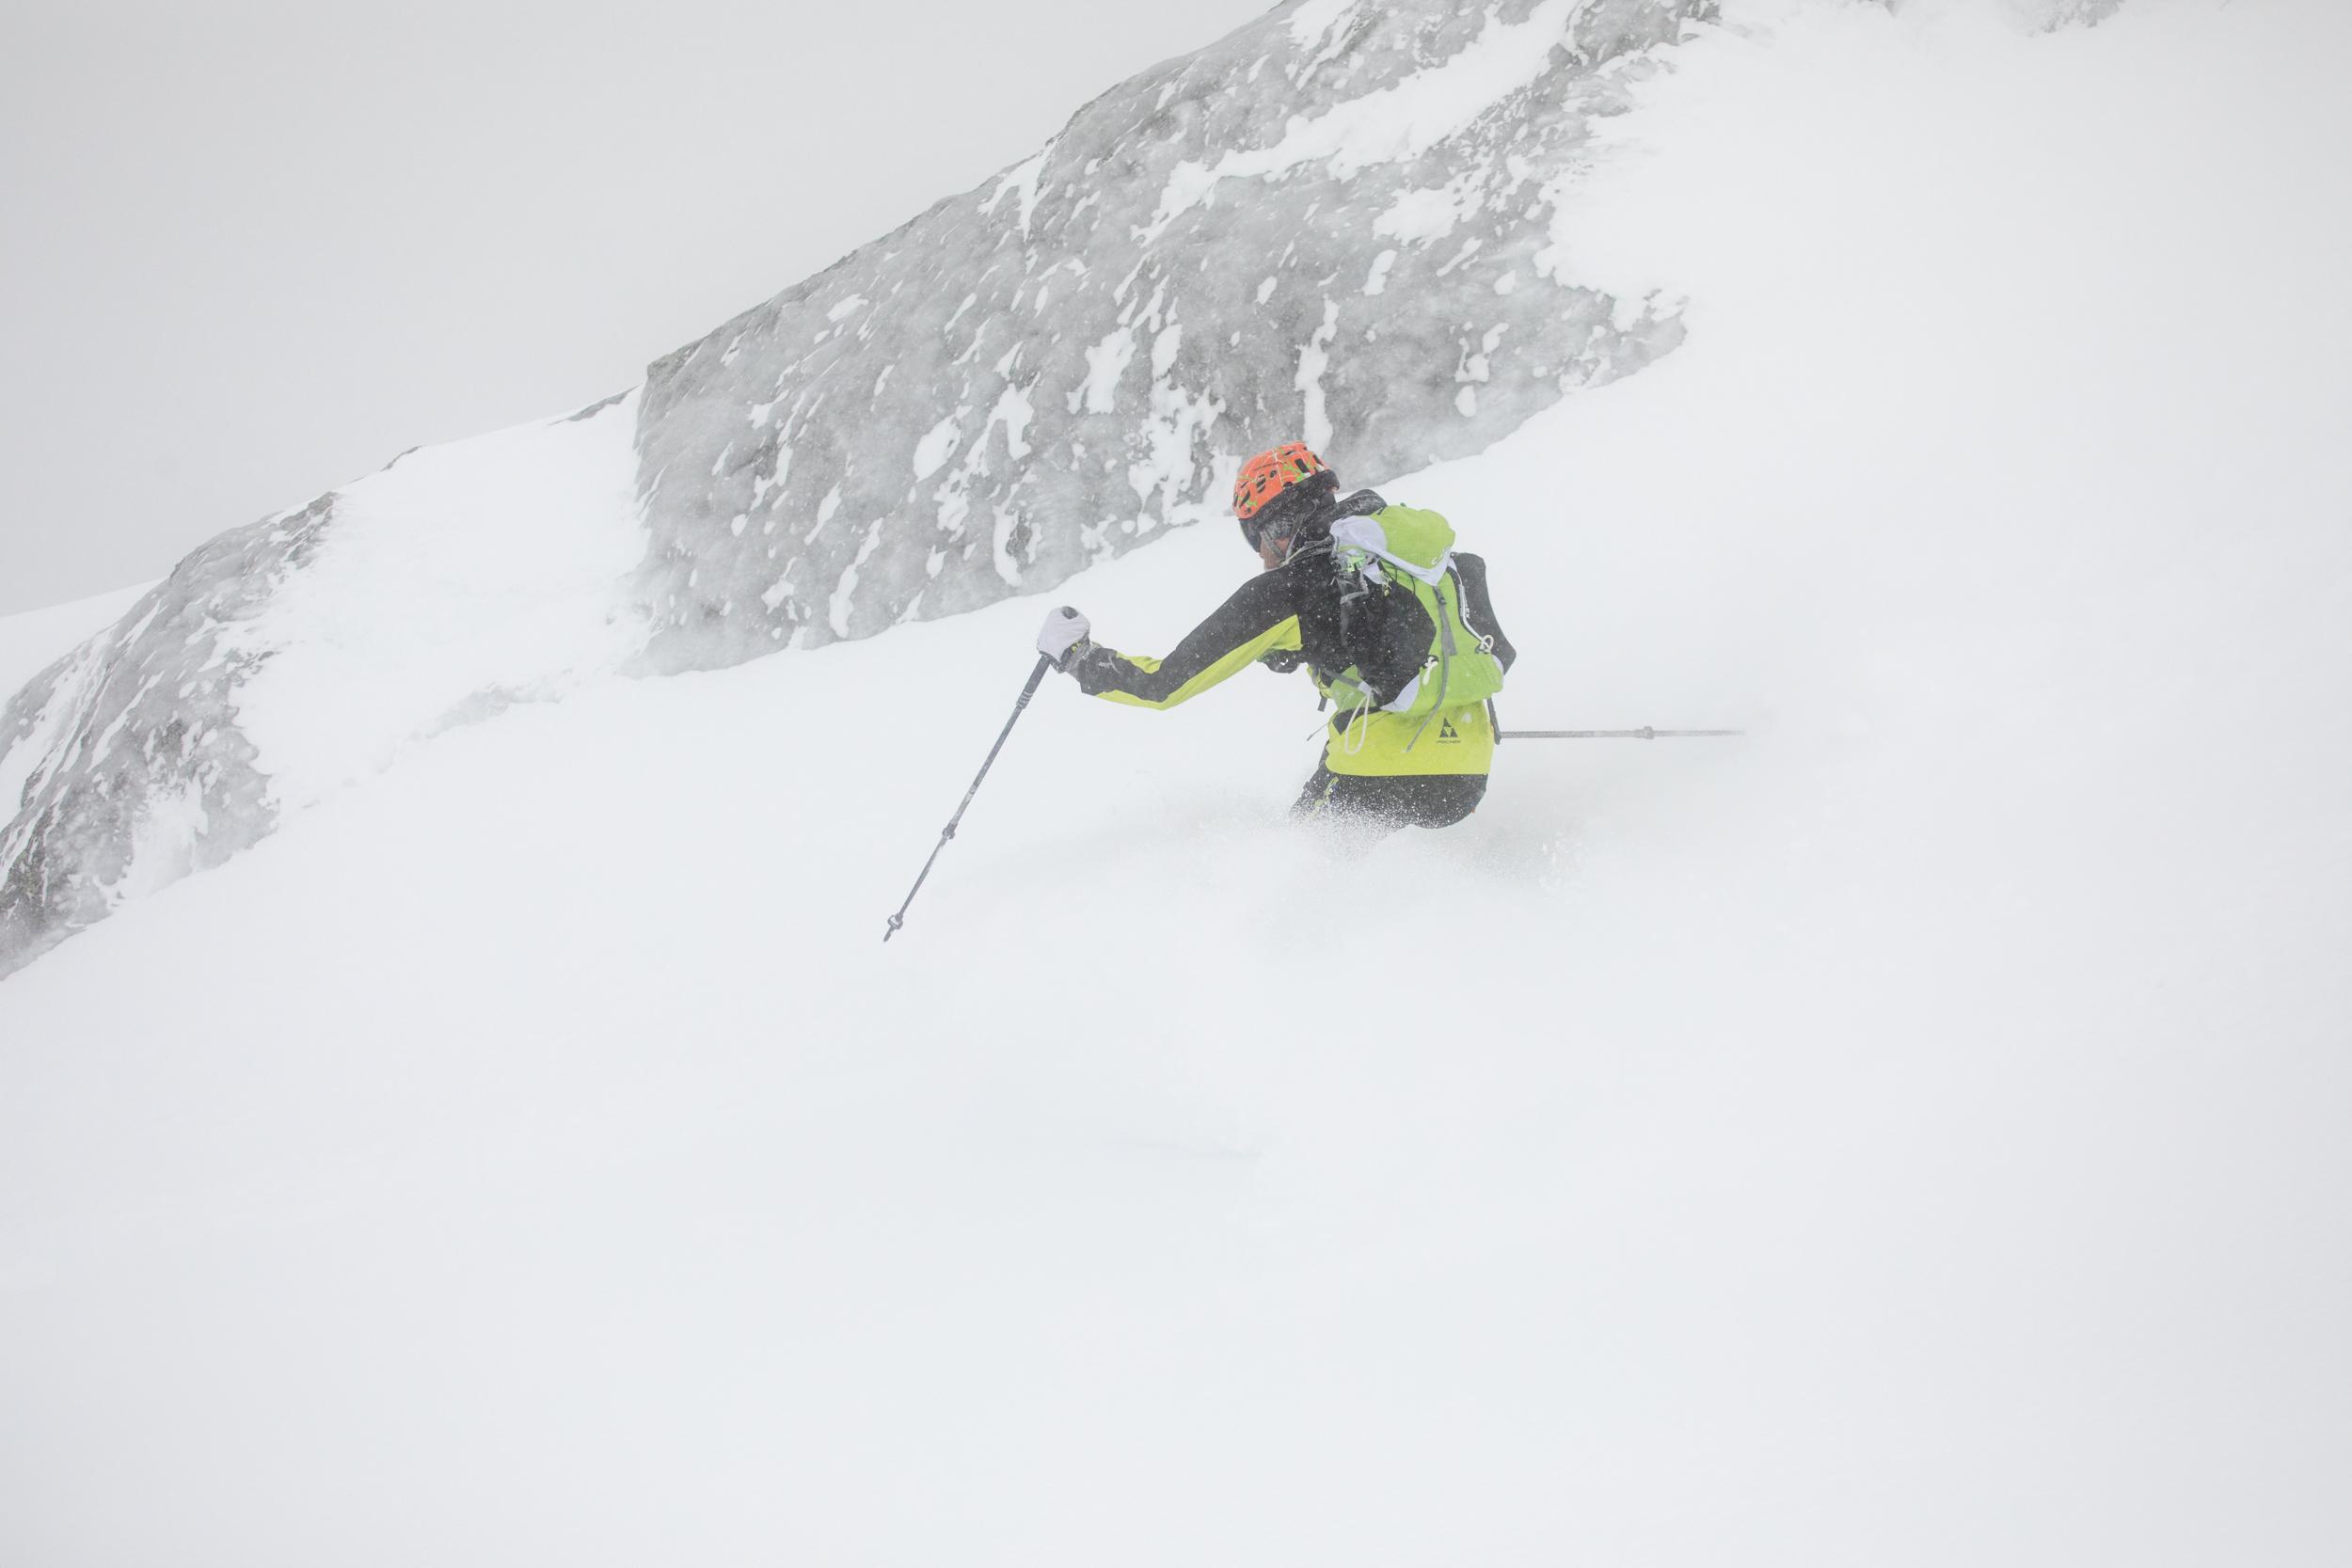 Ski The Whites